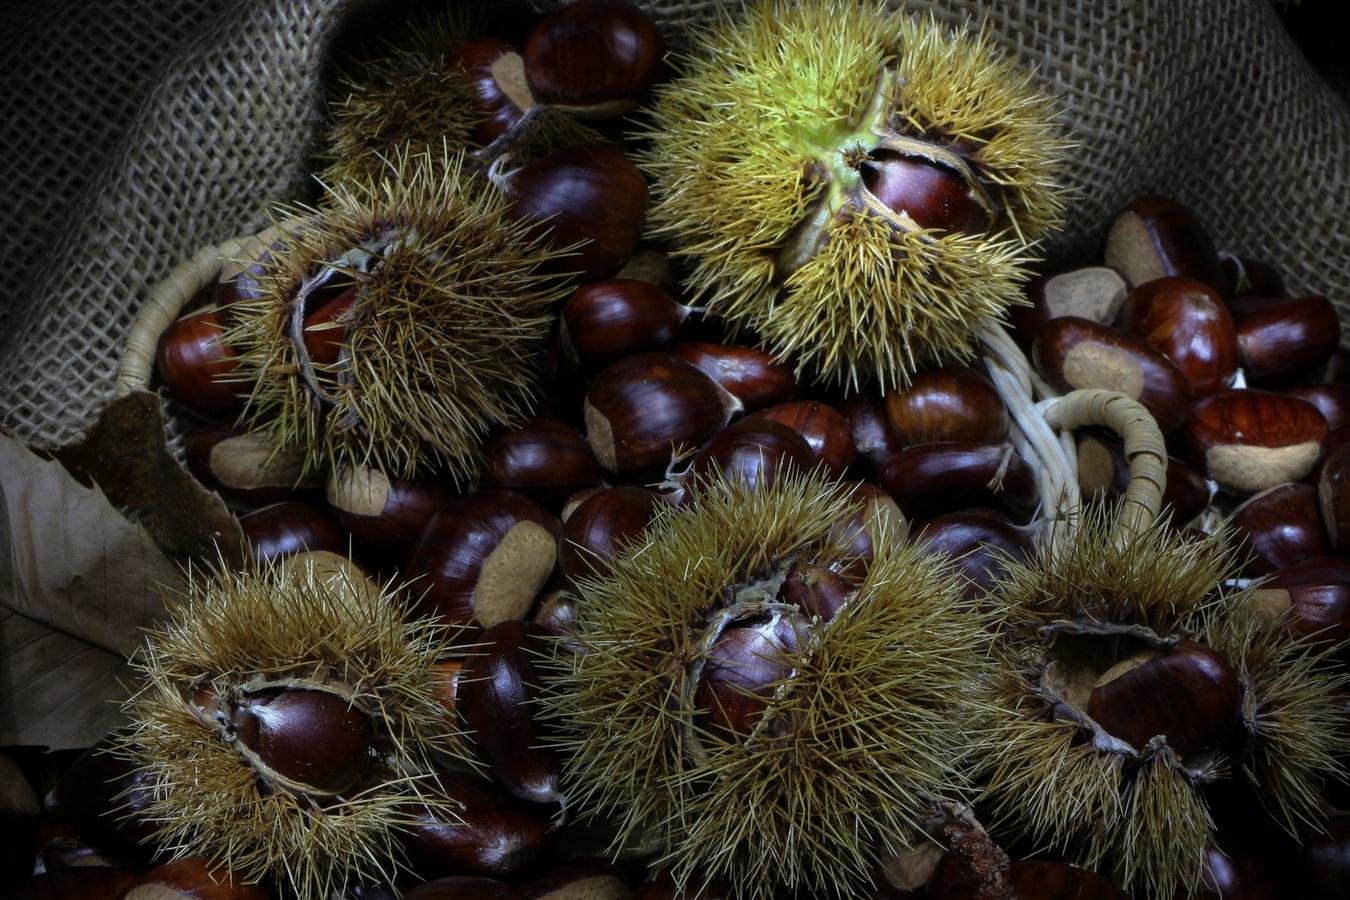 HealthHack #10: Maroni – Gesunder Snack vom Weihnachtsmarkt